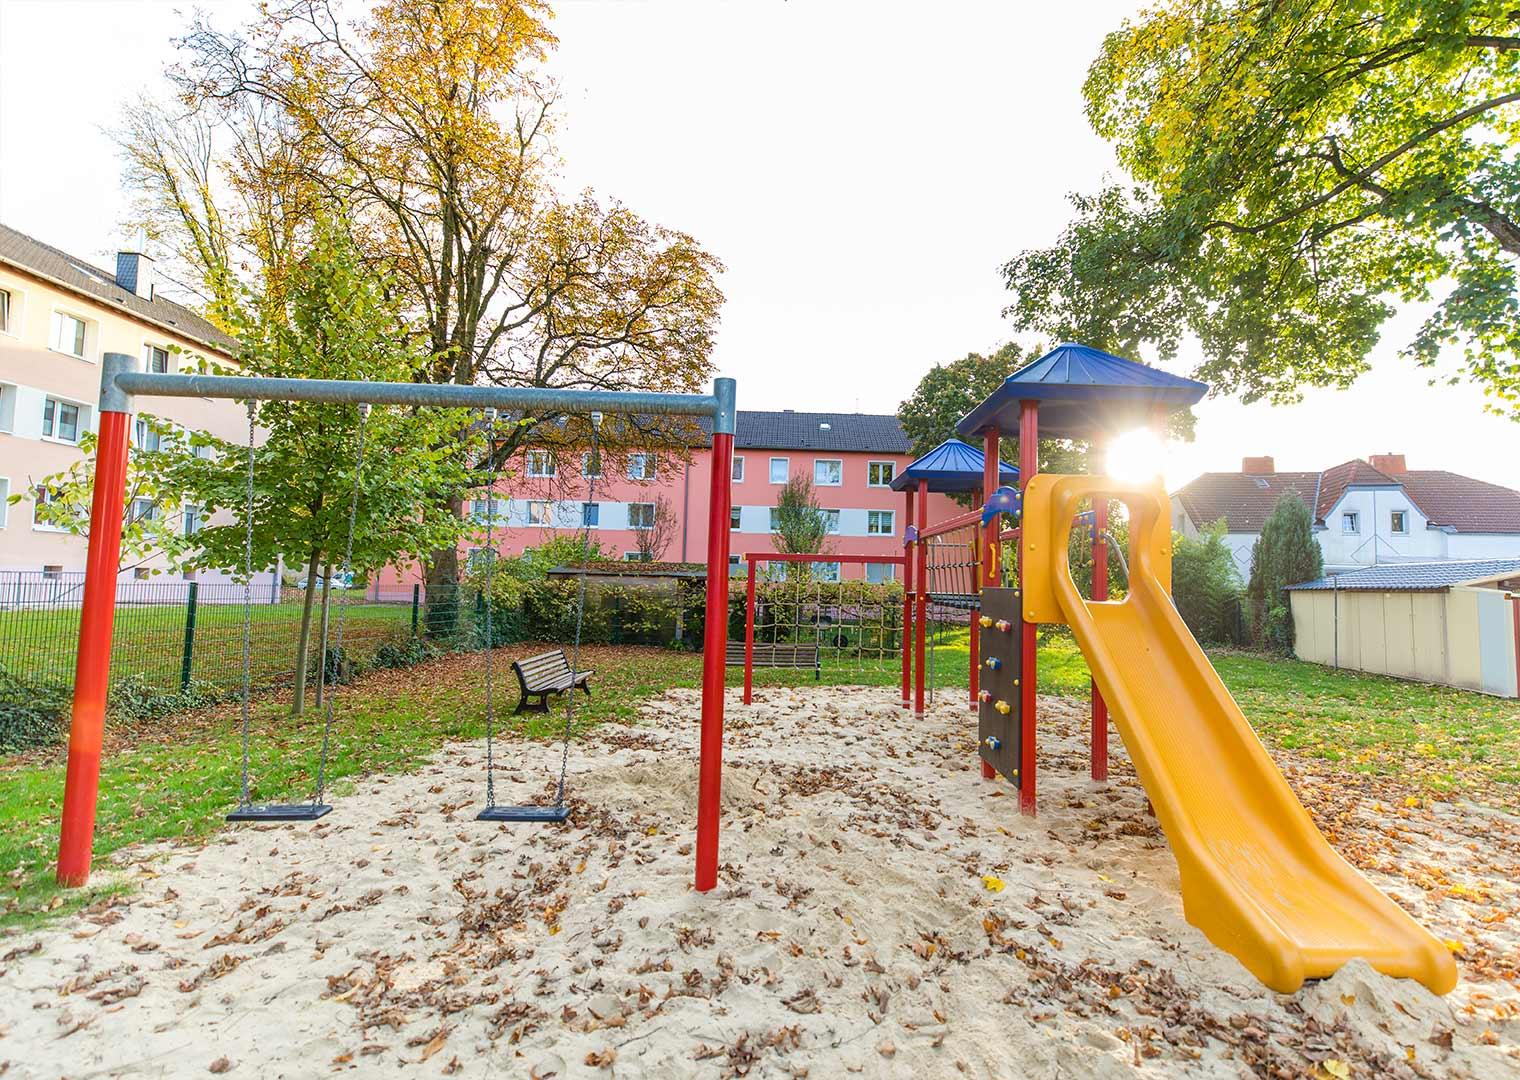 Link zur Bilddatei: Kirchhelle_Referenzen_Spielplatz_Galeriebilder_02